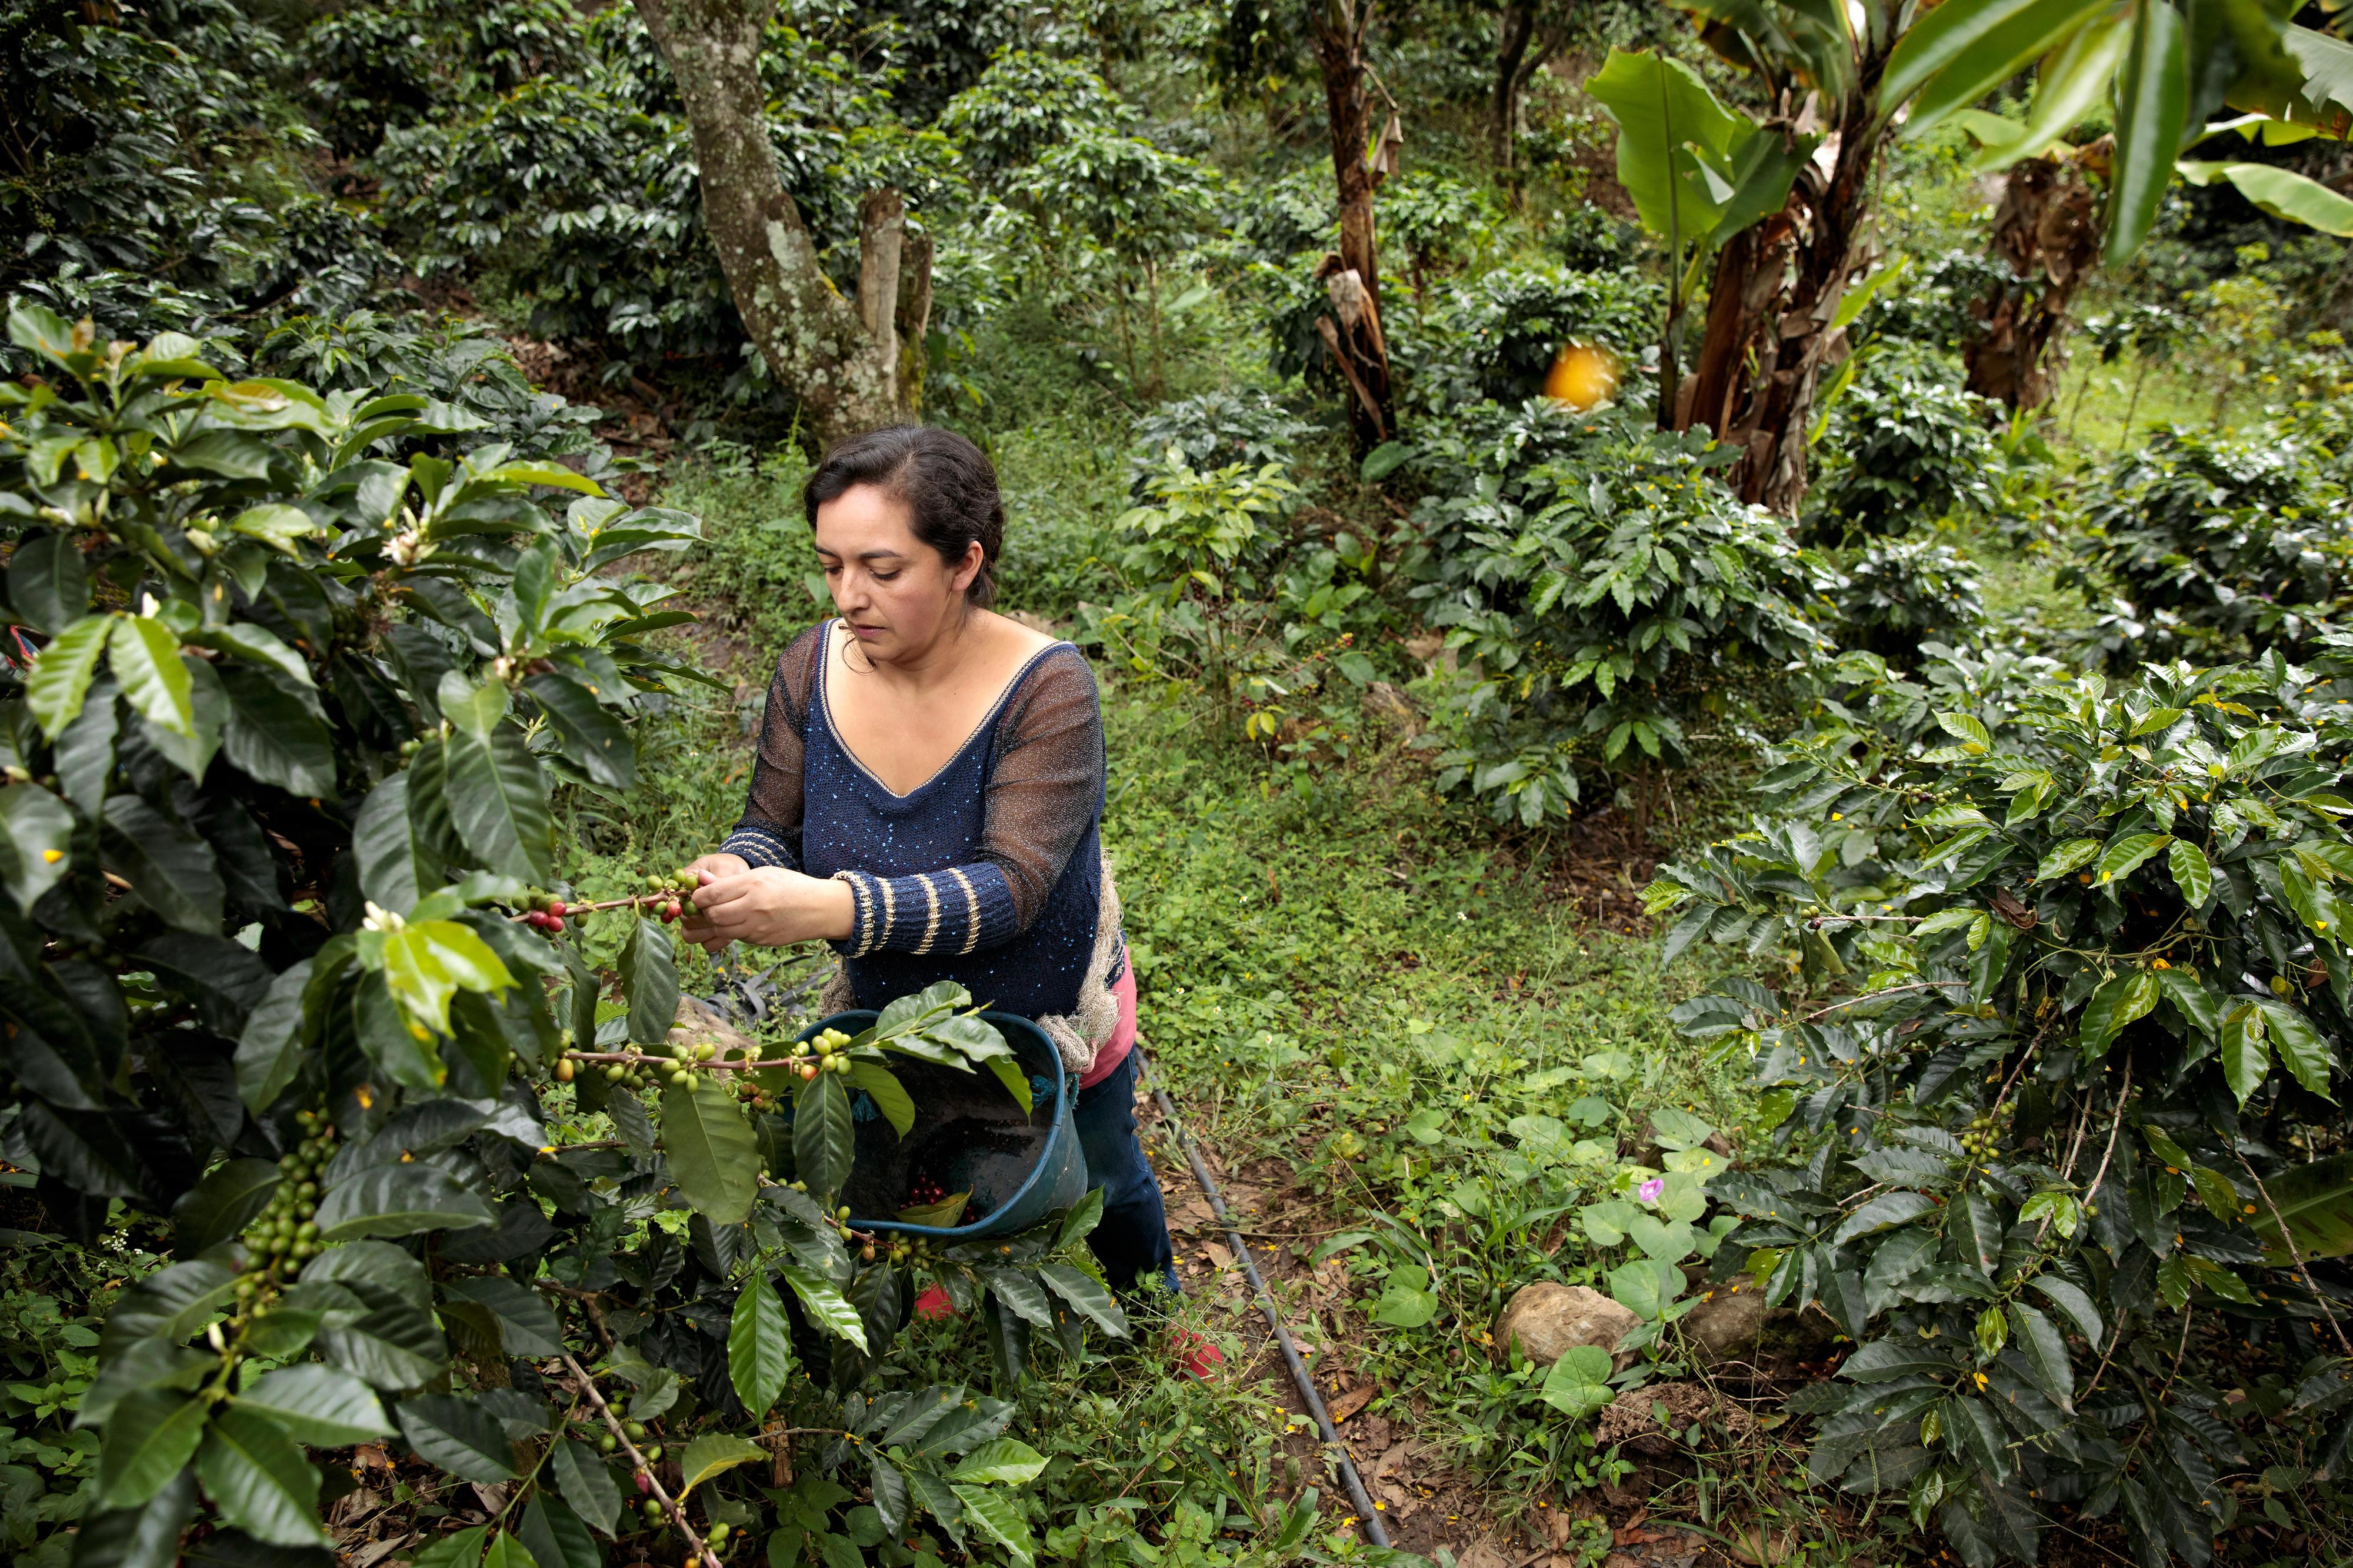 Cielo Gomez, eine Kaffeebäuerin El Tablón de Gómez, im Südosten des Nariño-Territoriums in Kolumbien. Ihre Familie hat im Rahmen des Friedensprozesses Land, das illegal besetzt war, wieder zurückerhalten. Durch ein UN-Women-Projekt hat sie erreicht, dass ein Teil des Landes auf ihren Namen eingetragen ist. Gemeinsam mit anderen Kaffeebäuerinnen in der Region kann sie sich jetzt eine wirtschaftlich stabilere Zukunft aufbauen.